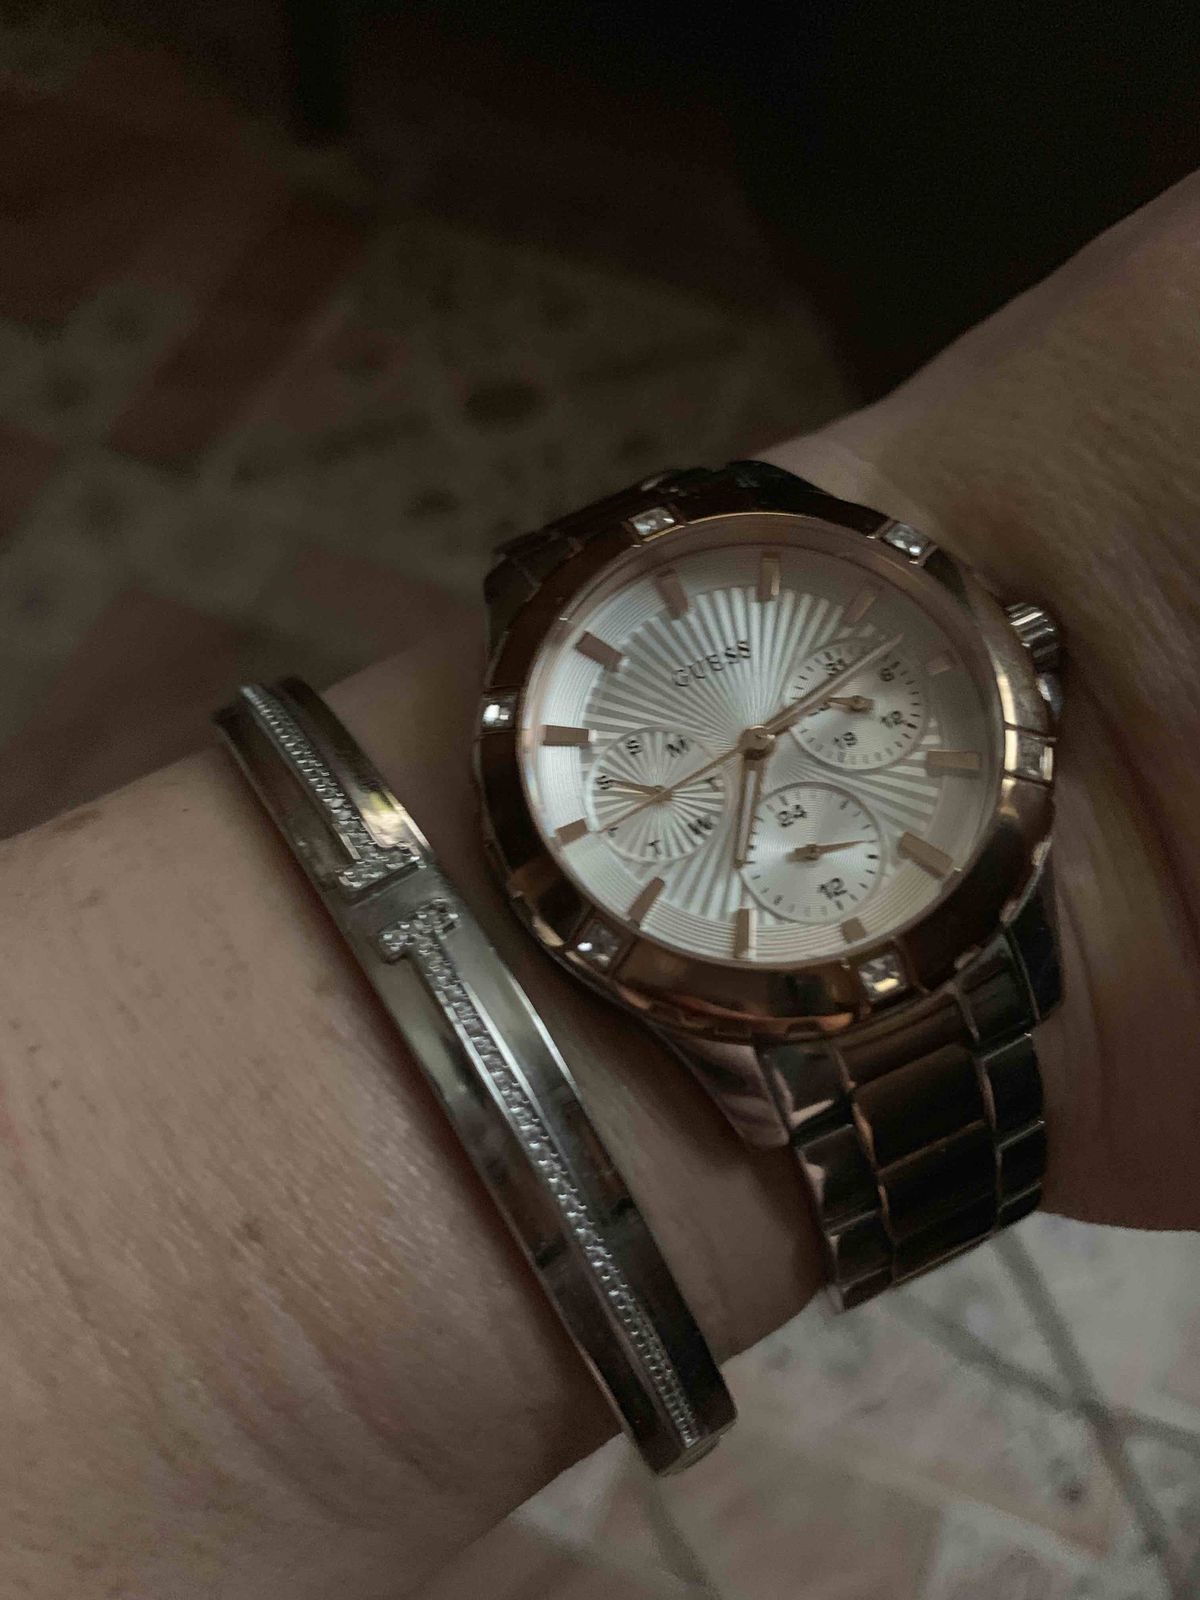 Присматривала браслет к часам,уверена,что угадала с выбором!!!